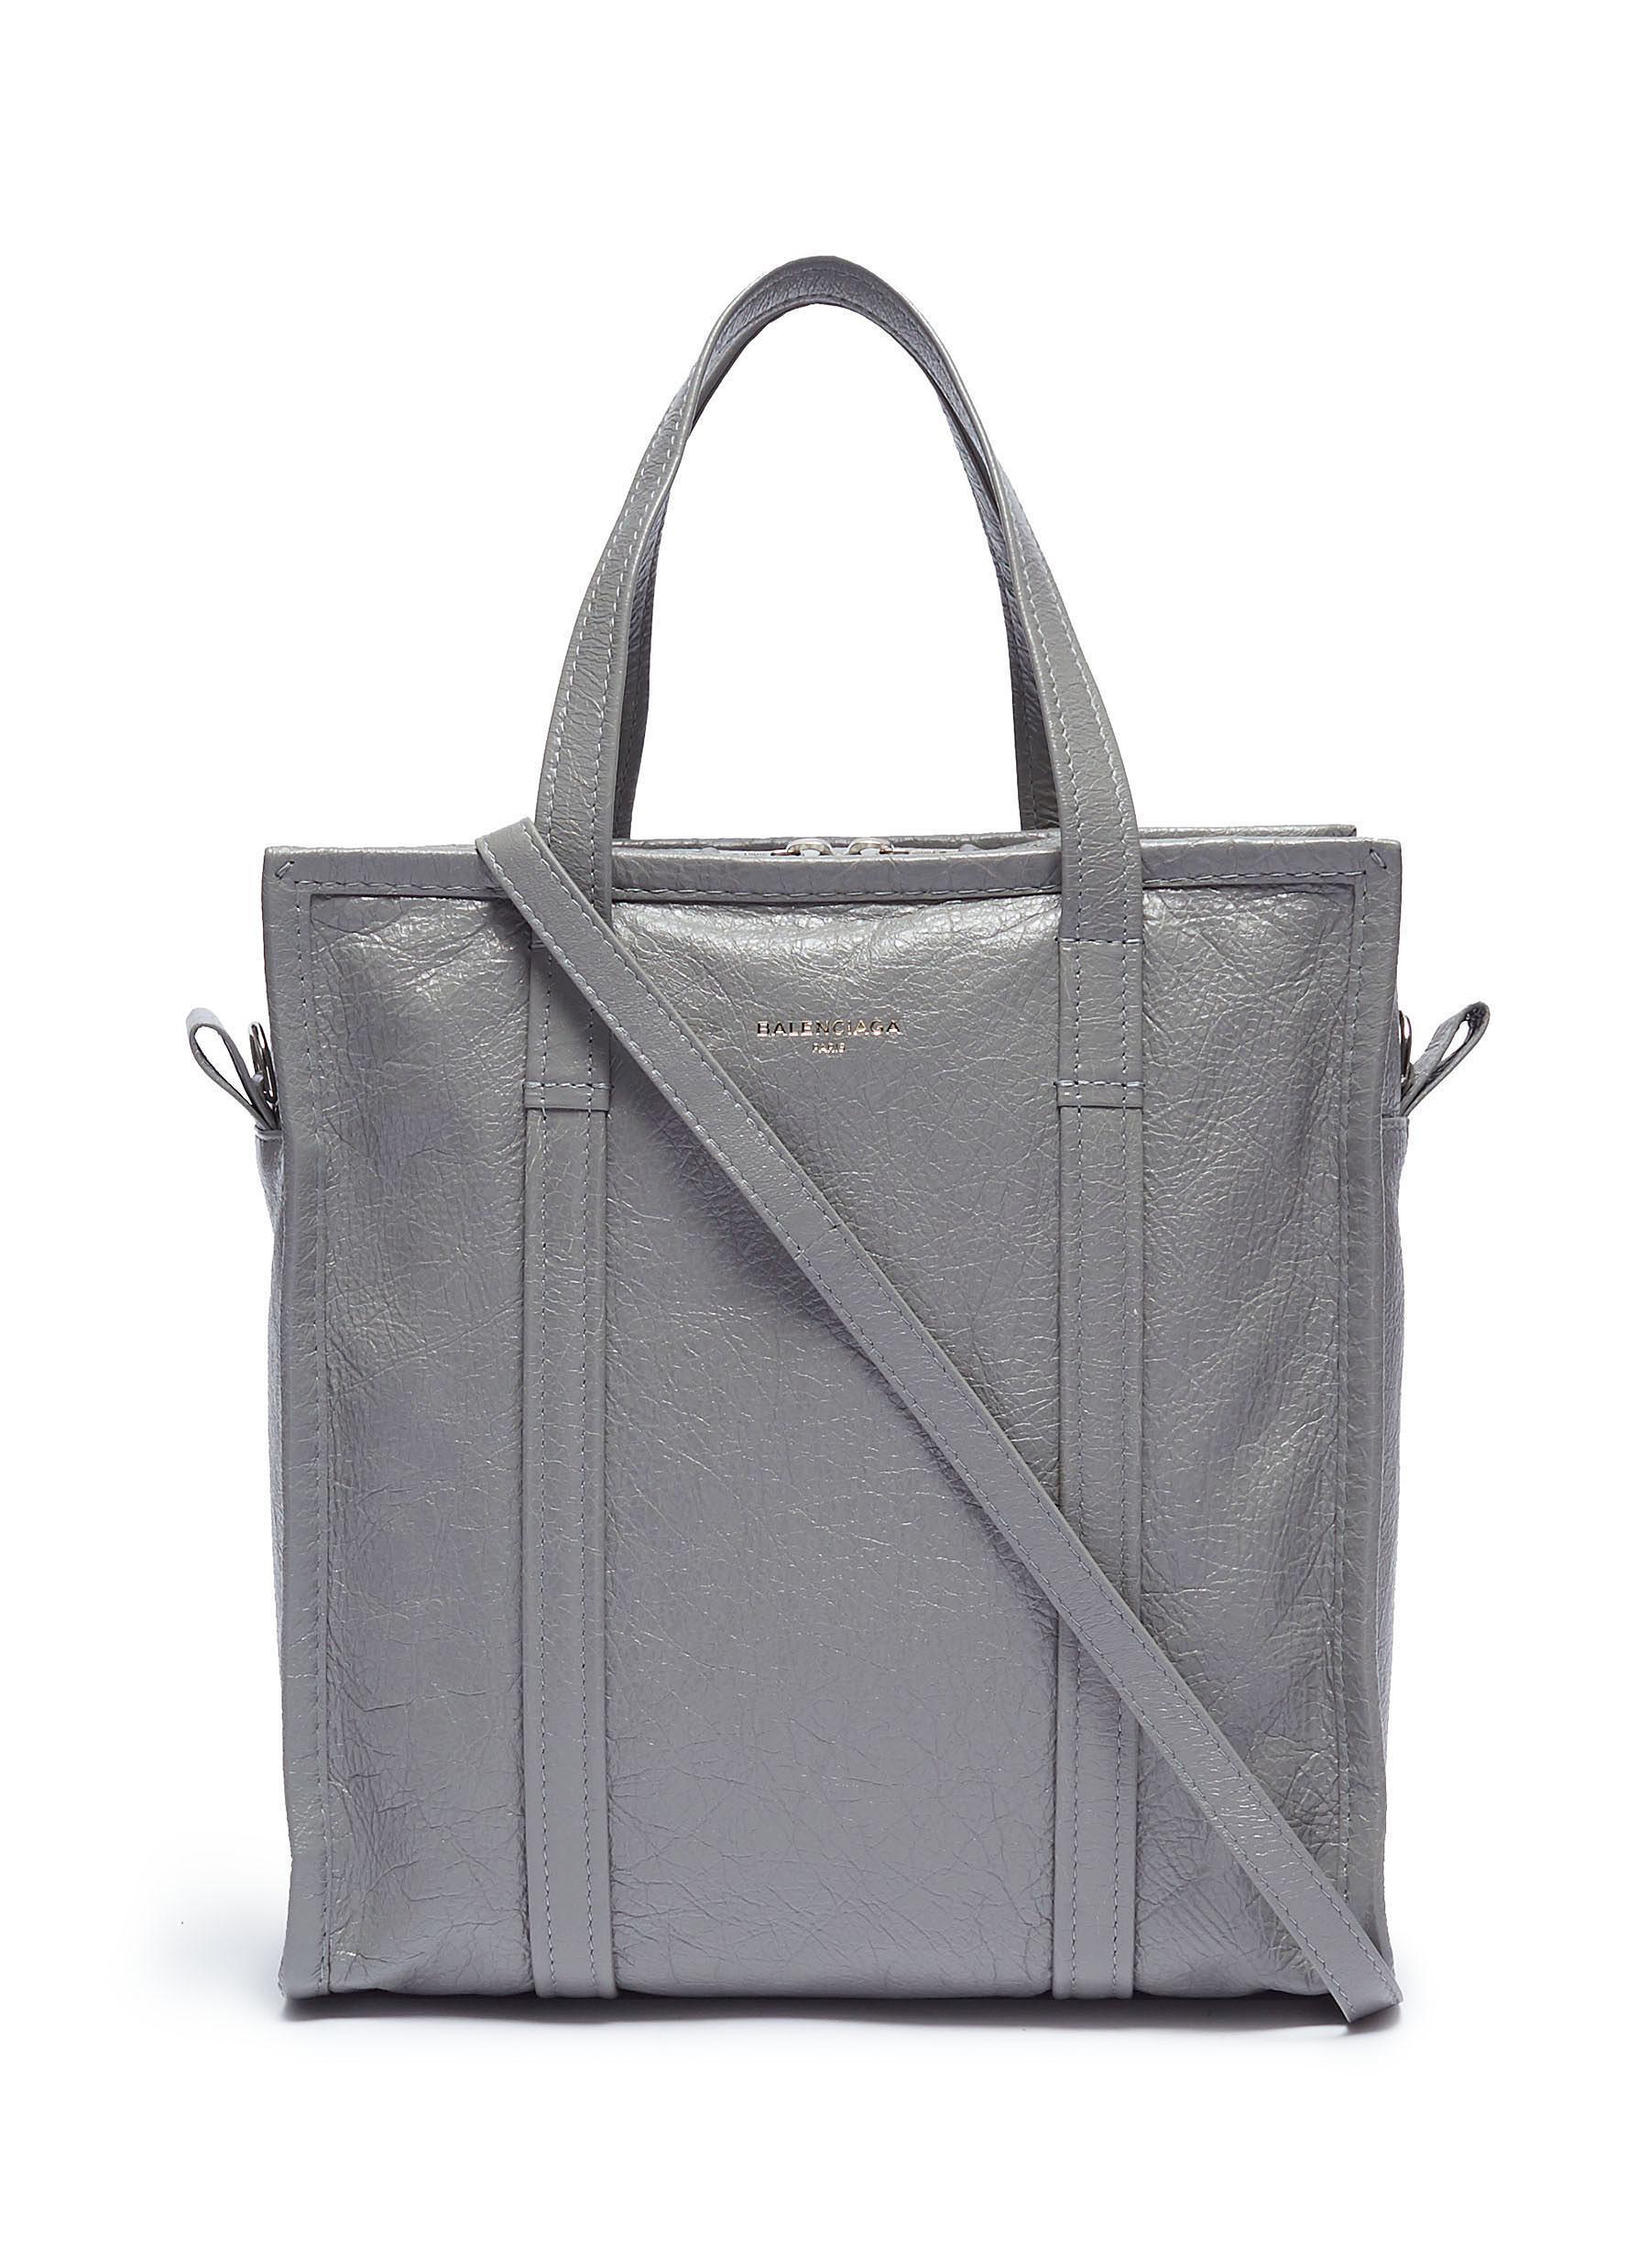 c9109c0df2 Lyst - Balenciaga  bazar Shopper  Small Leather Tote in Gray